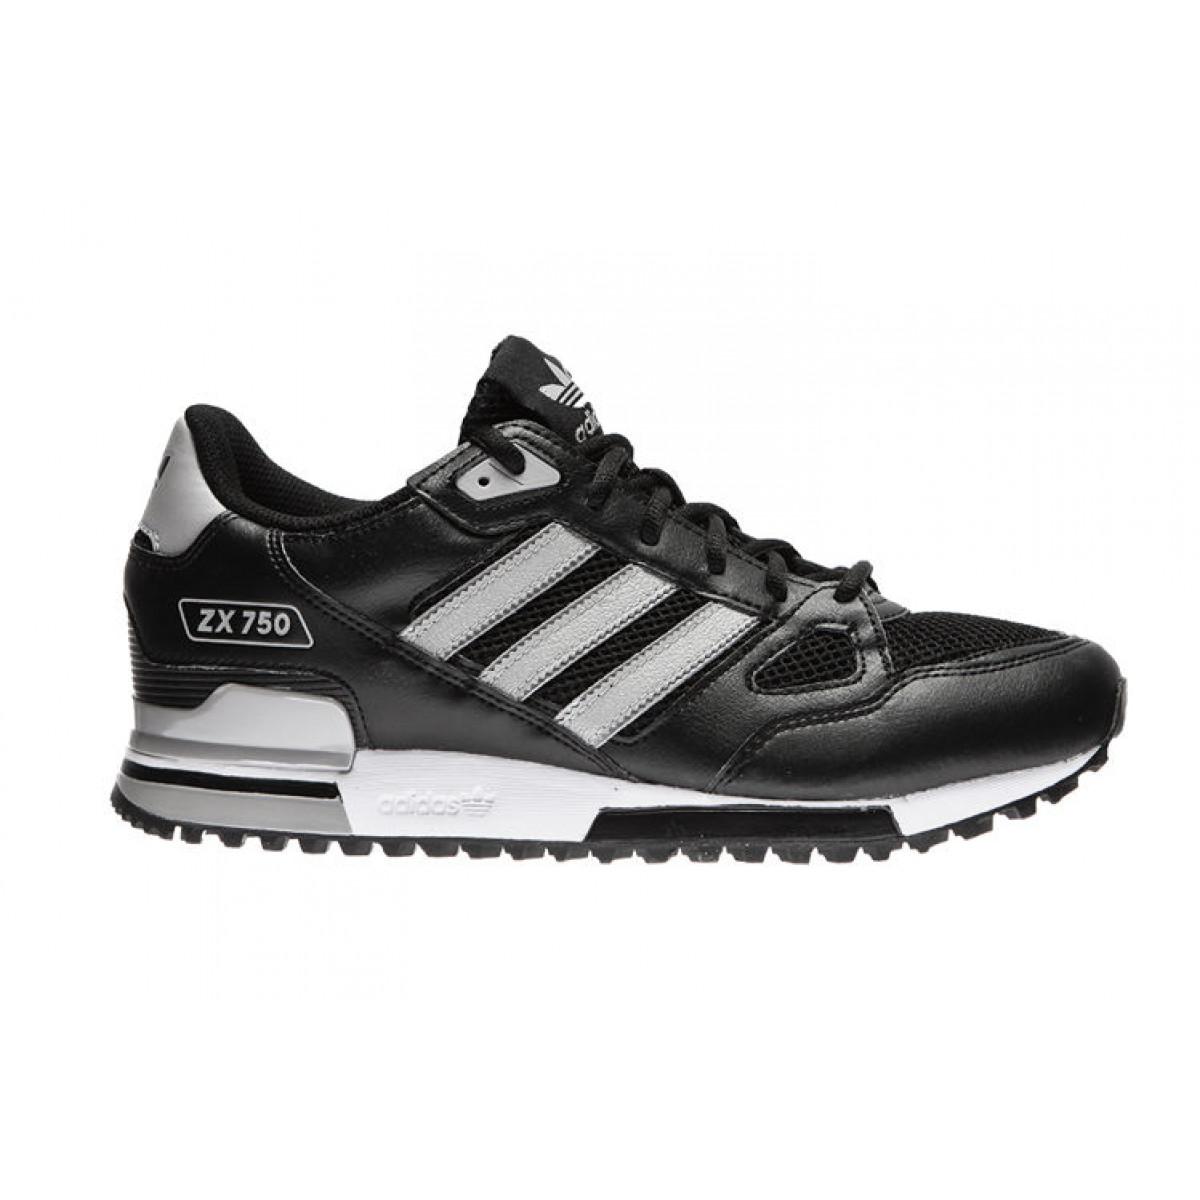 Zx 750 Nero Adidas Scarpe Sneakers ArtS76191 Colbaffo 3Rj5cLA4qS